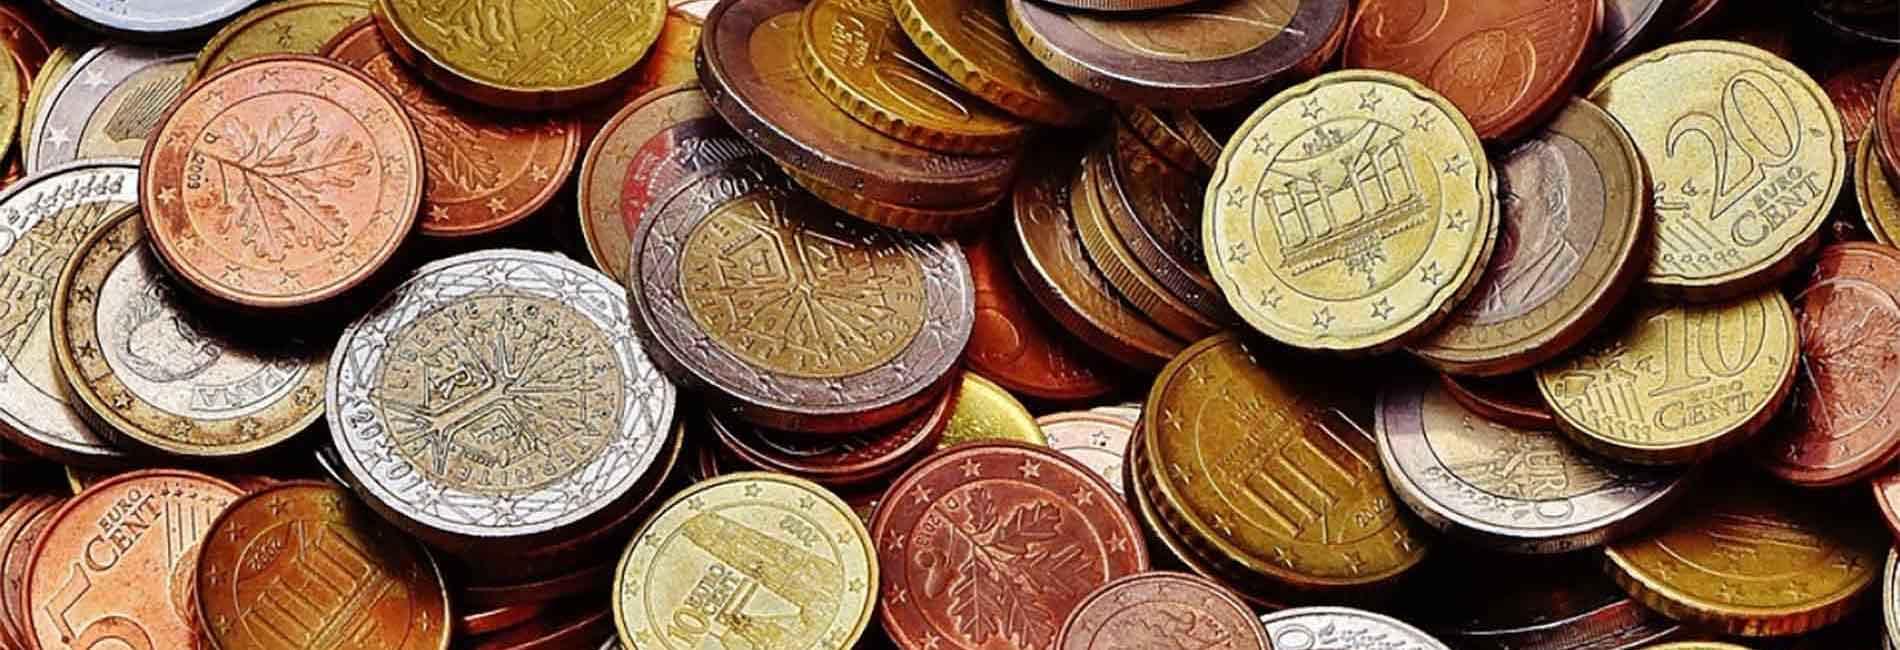 Centennial Gold Silver & Coin Cents